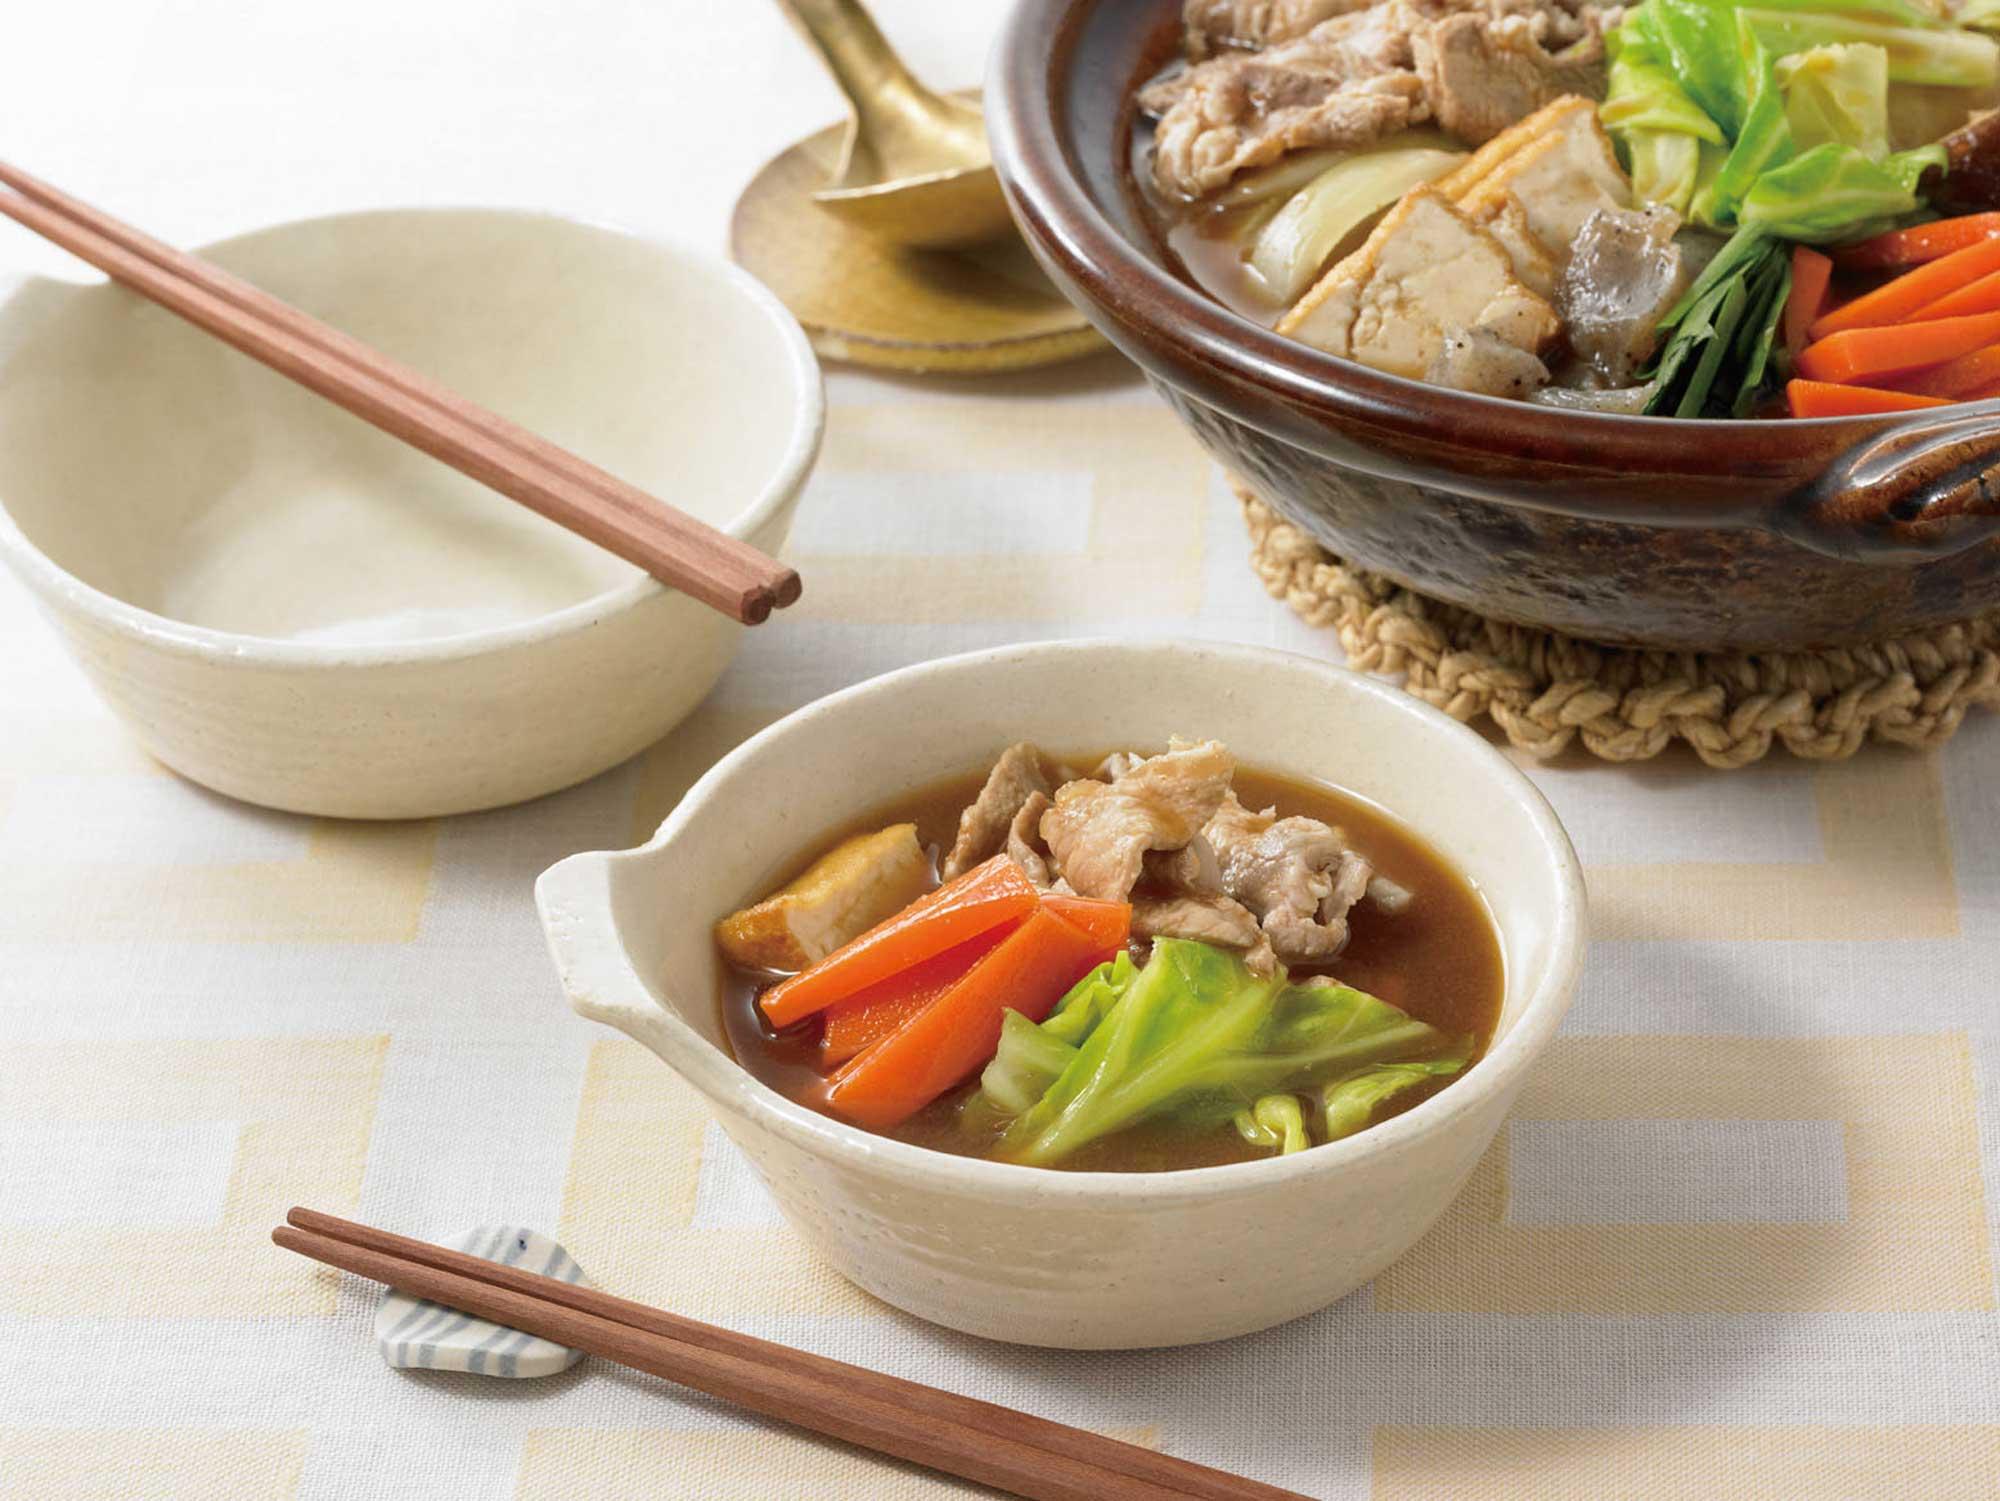 大鵬直伝ちゃんこ鍋スープみそ味2-3人前食卓イメージ